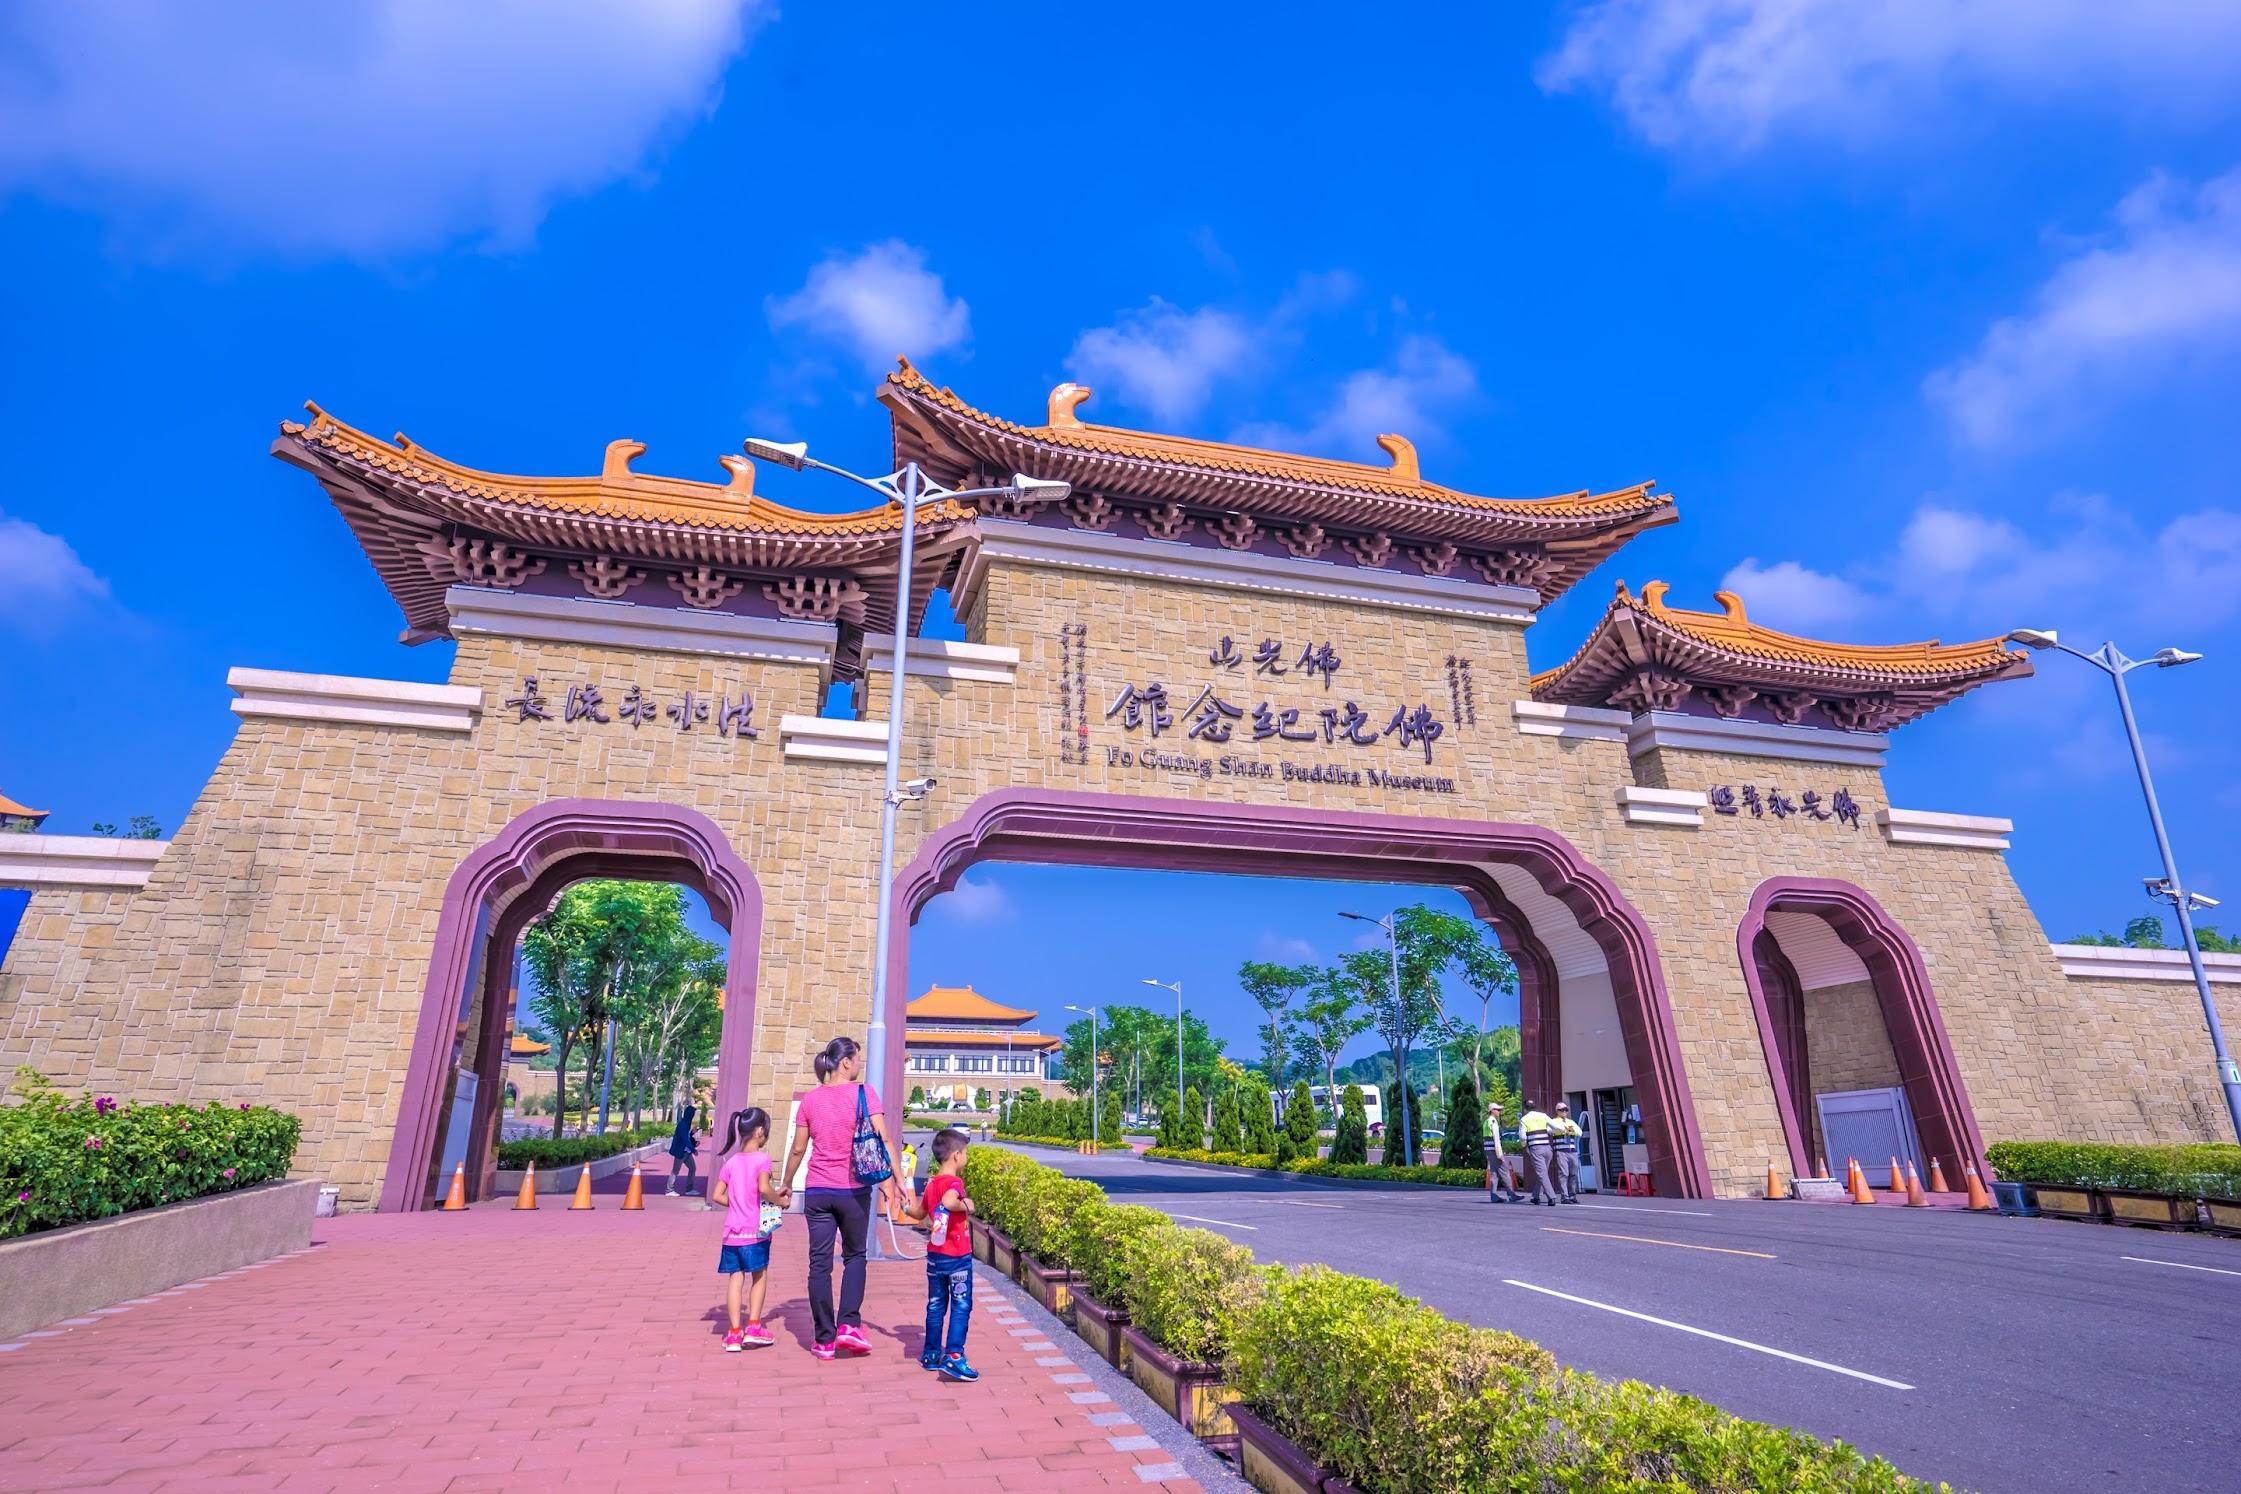 台湾 高雄 佛光山佛陀紀念館1